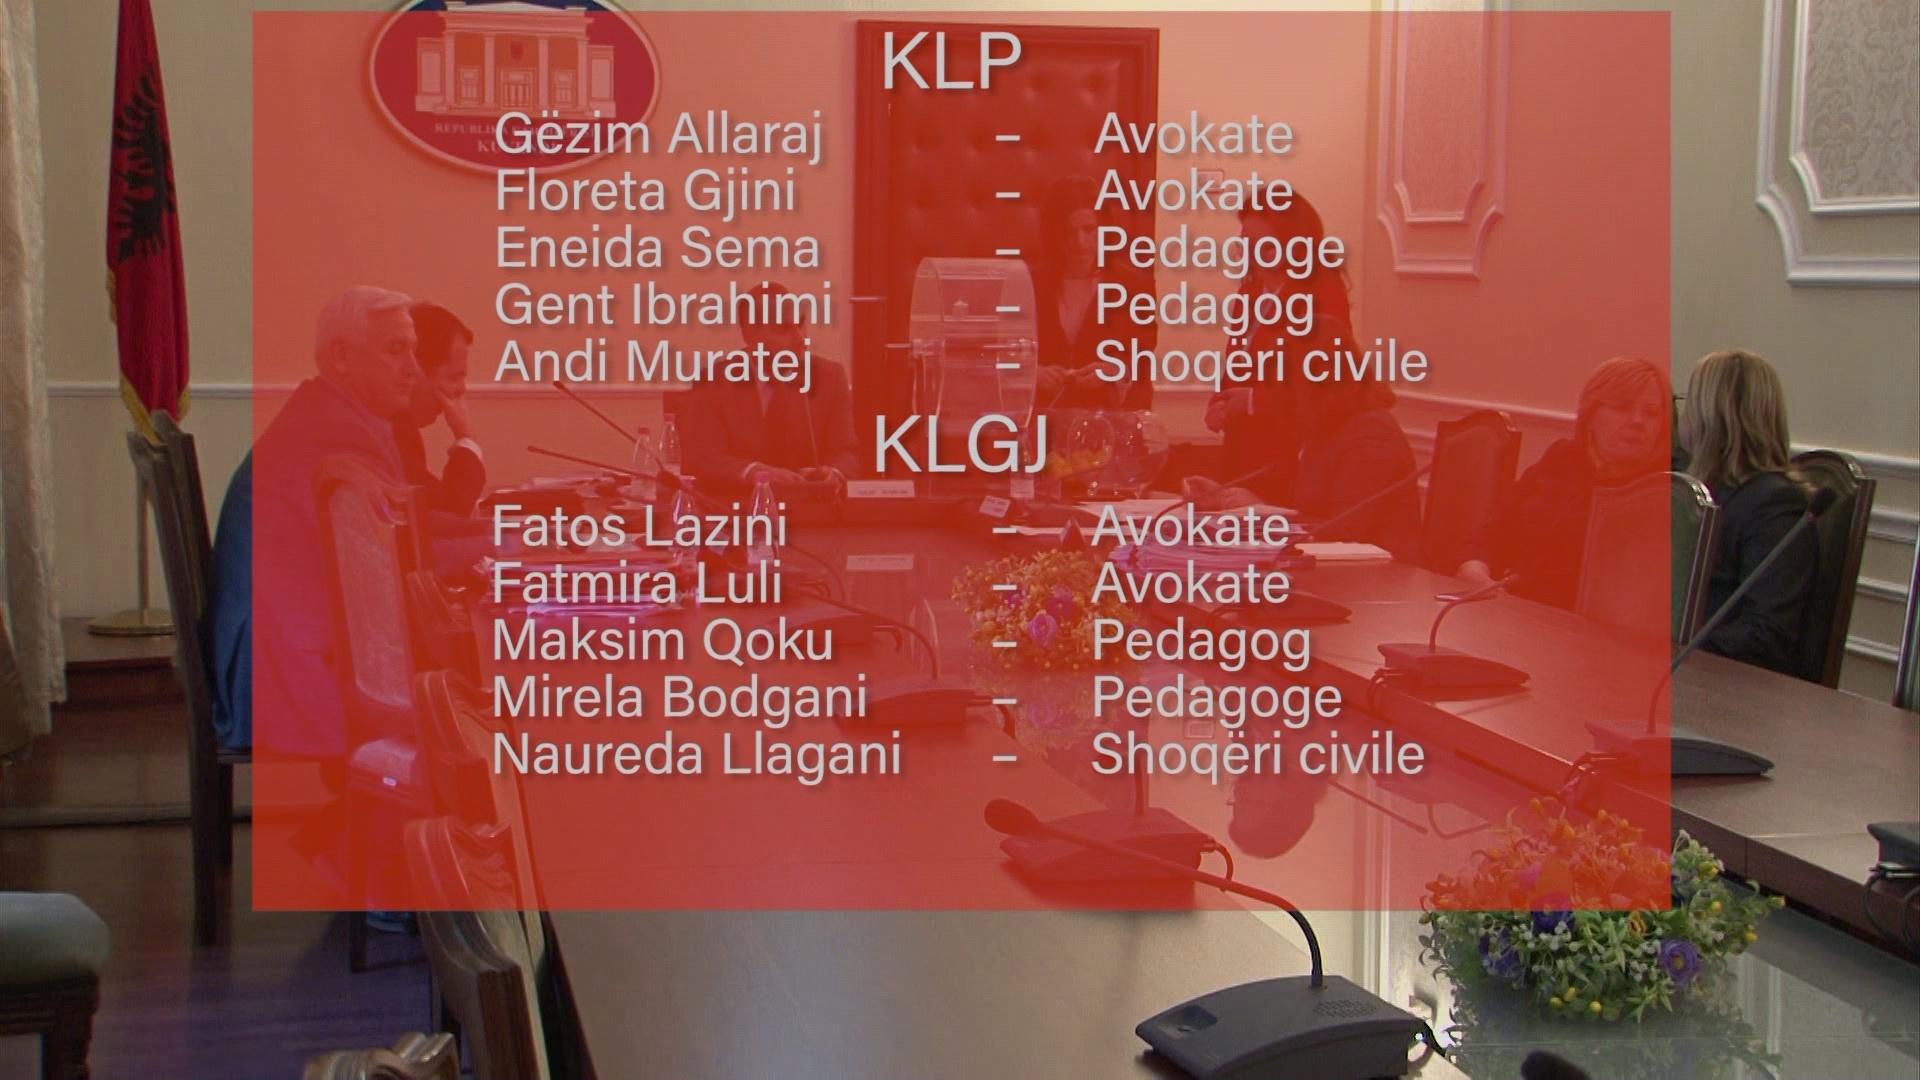 Kandidatët e KLGJ e KLP/Nënkomisioni duhet të caktojë emrat në listën e tretë brenda 2 ditësh